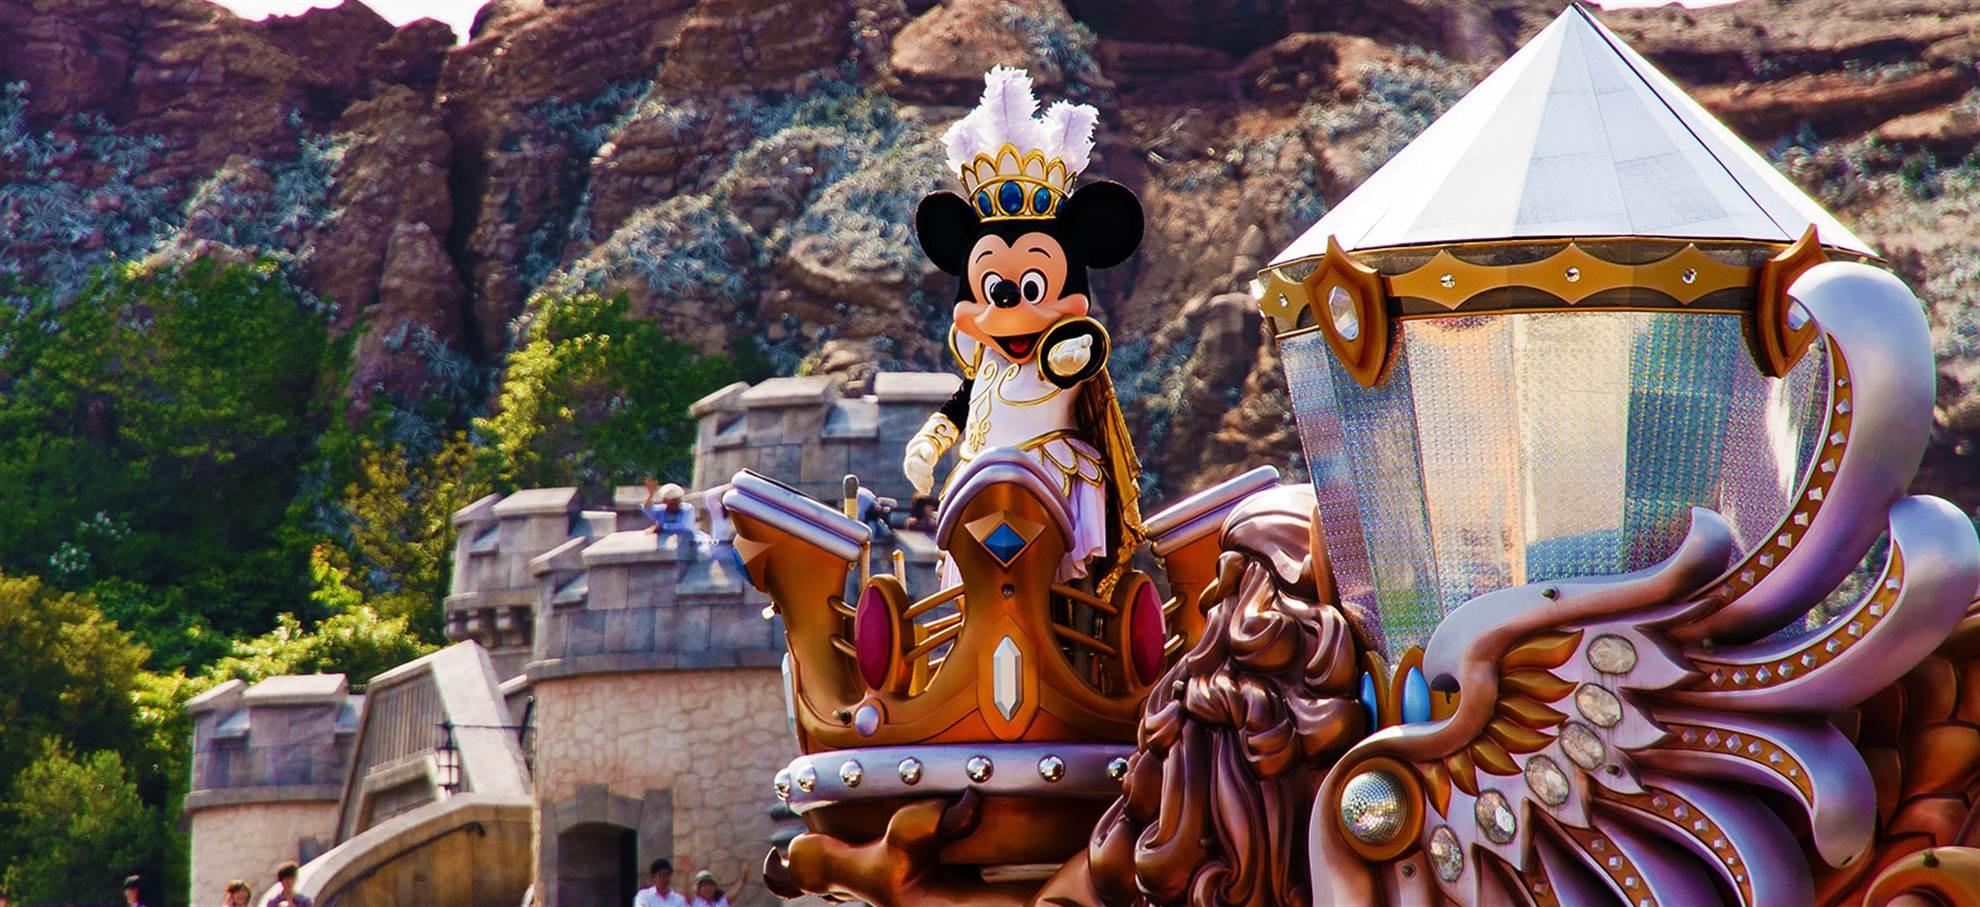 Disneyland Paris, Tiquete para 1 Día y 2 Parques